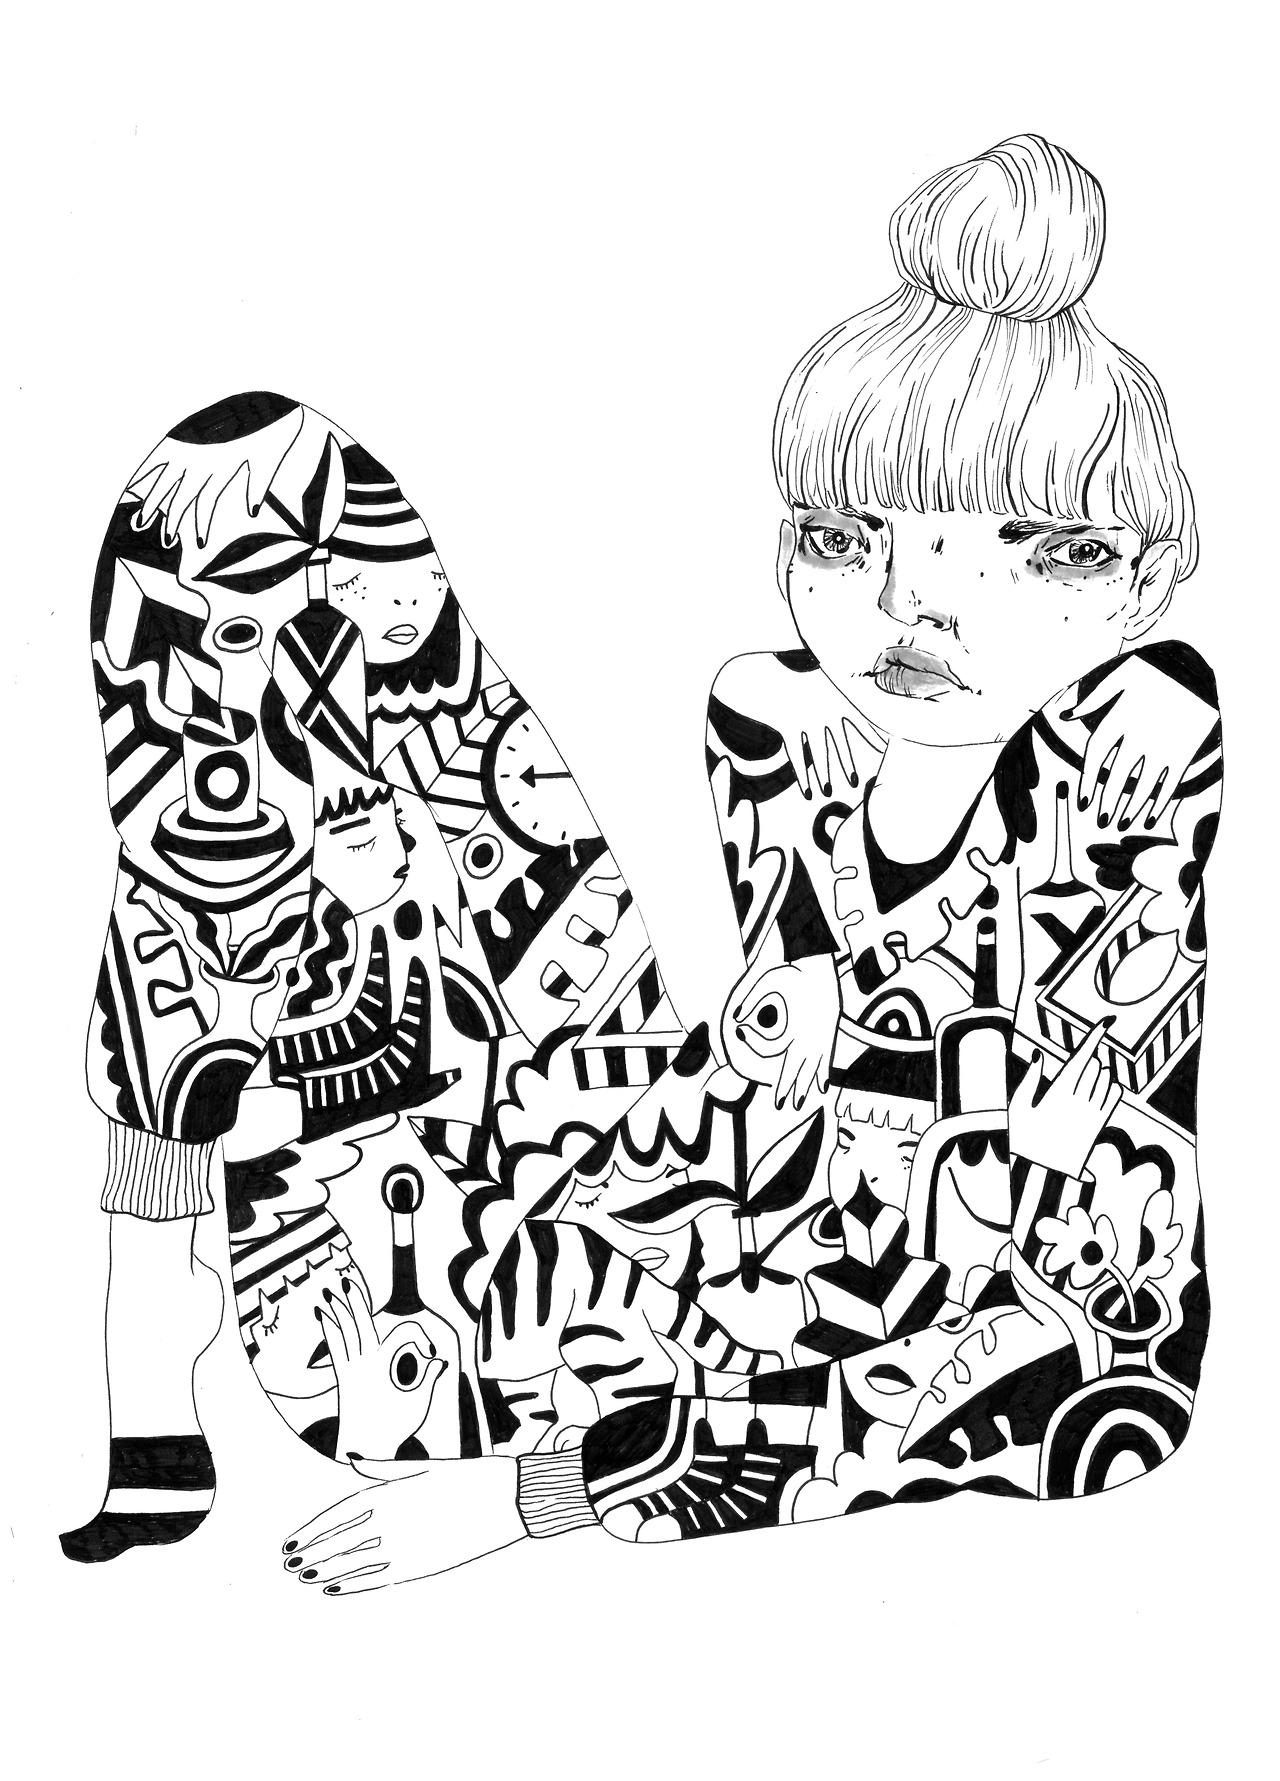 Illustrations by Julia Trybala